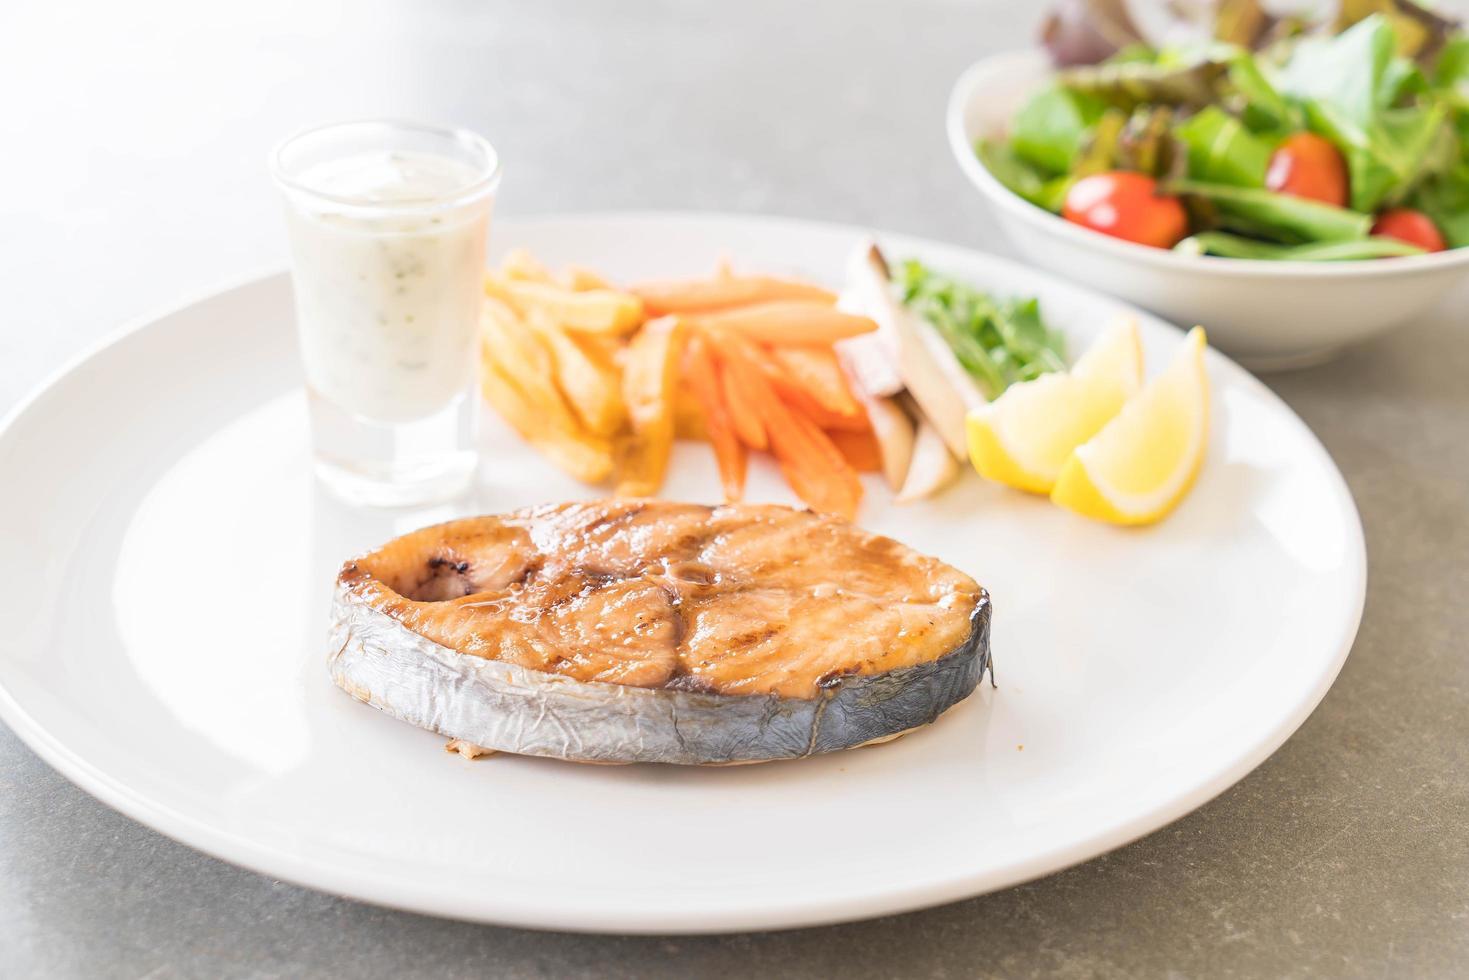 Mackerel fish steak photo